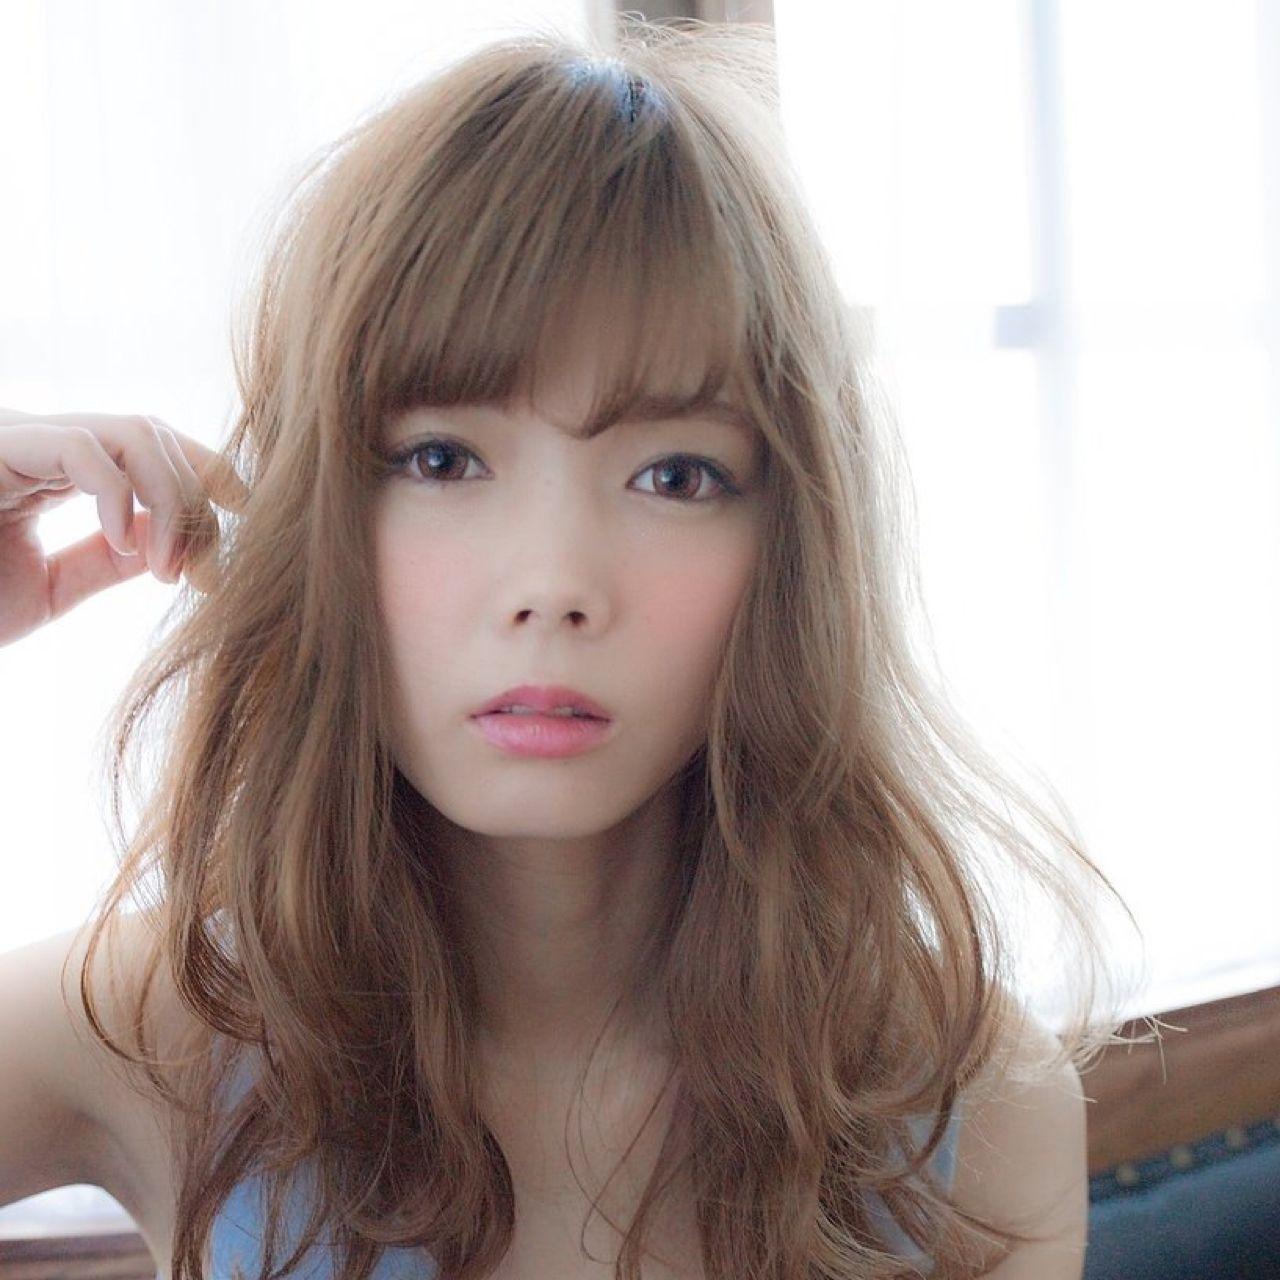 ボーイッシュ コンサバ 愛され モテ髪 ヘアスタイルや髪型の写真・画像 | 西門愛梨沙 /